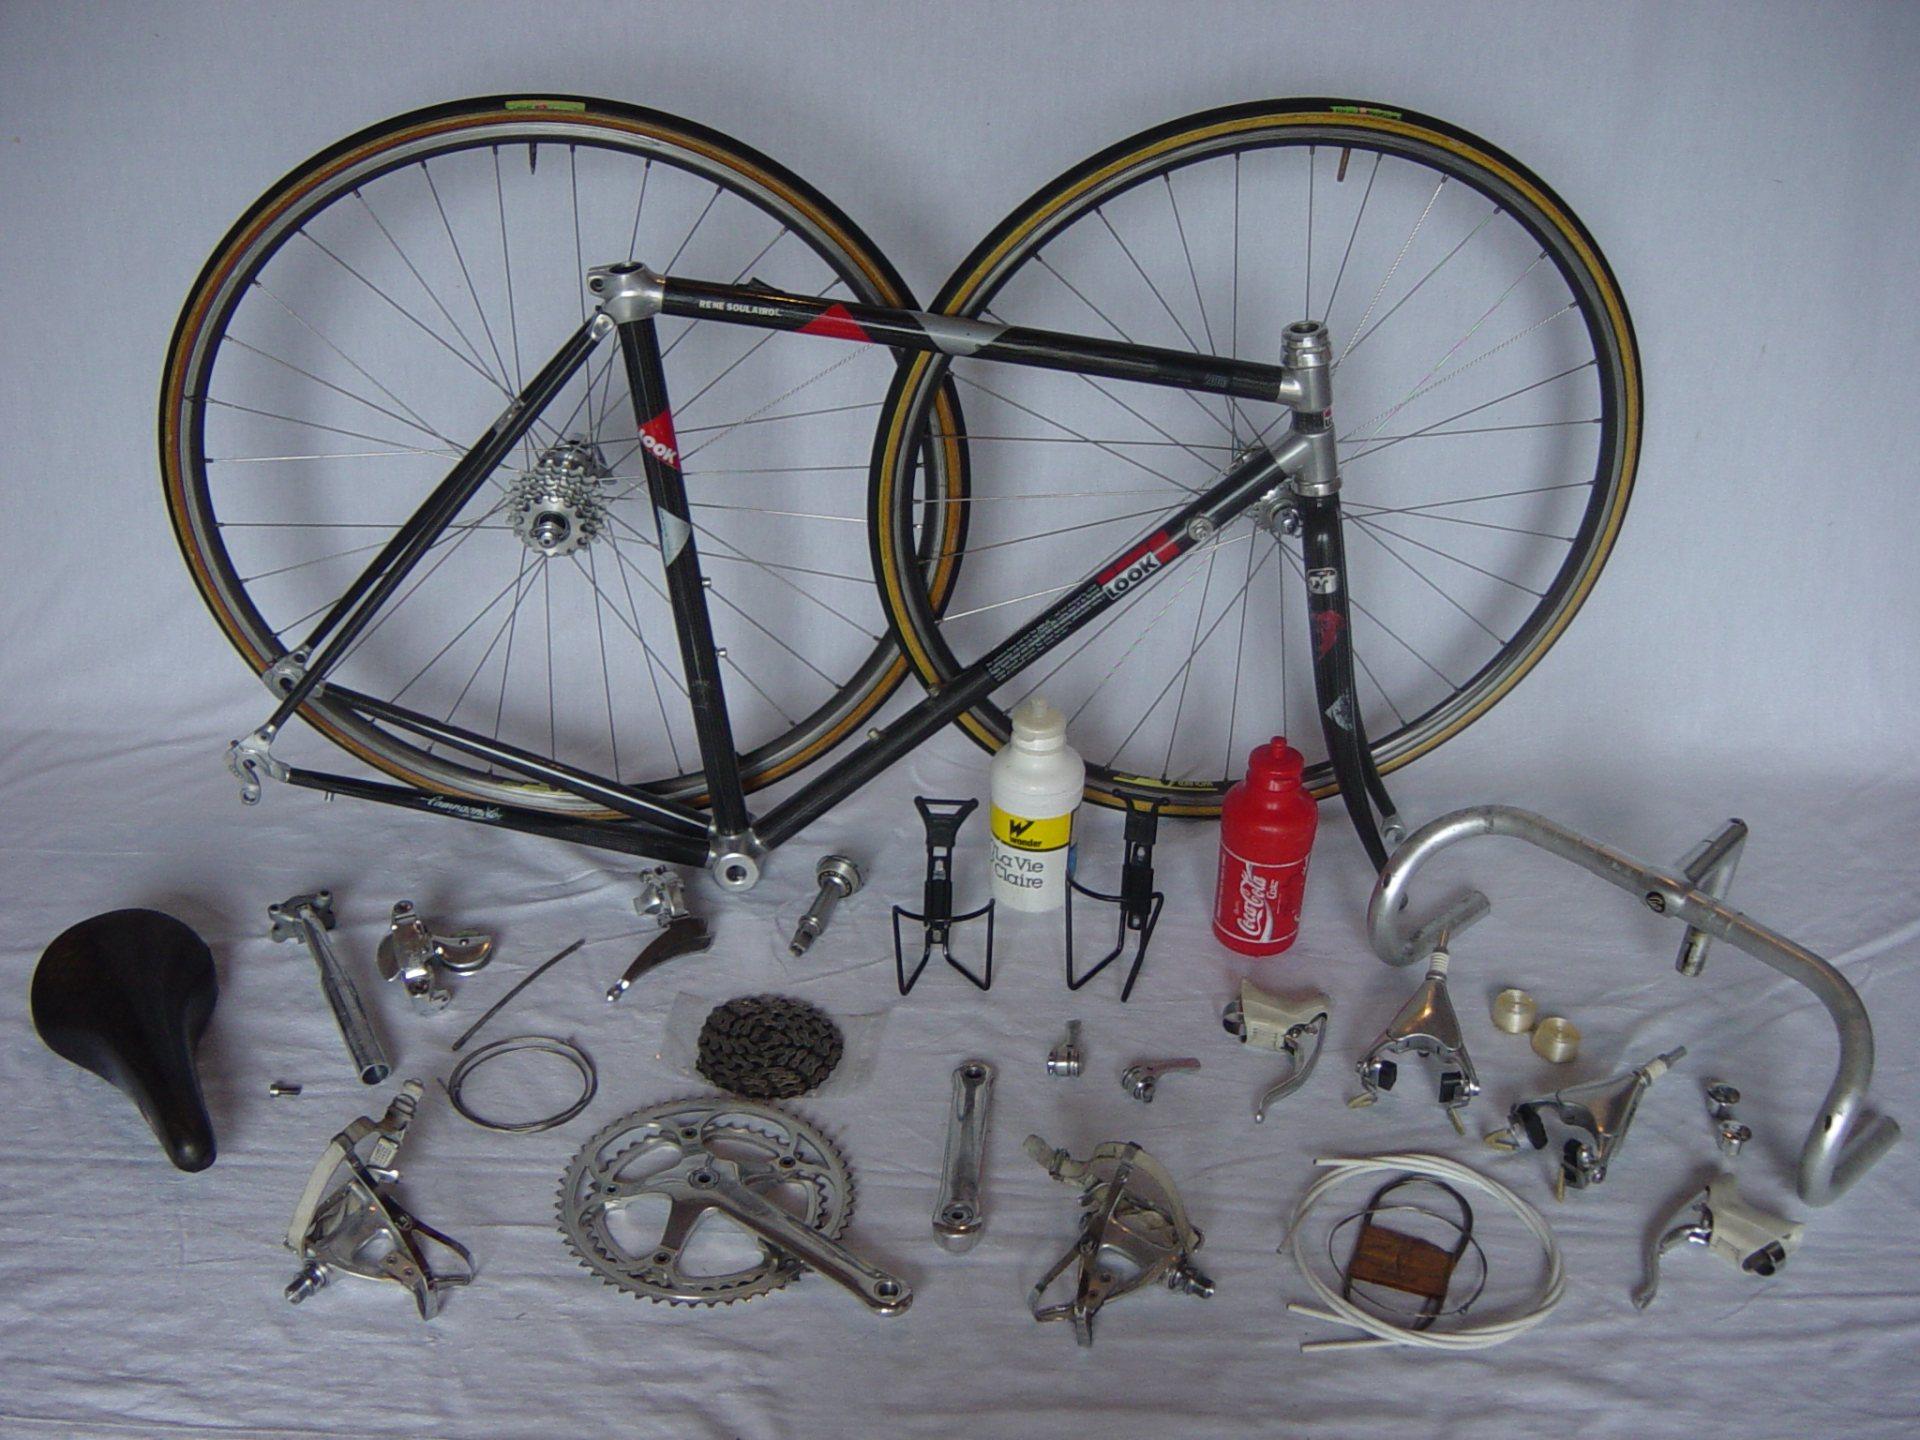 Vélo de course LOOK 1986/87 - Page 2 809060vloavecsespices2